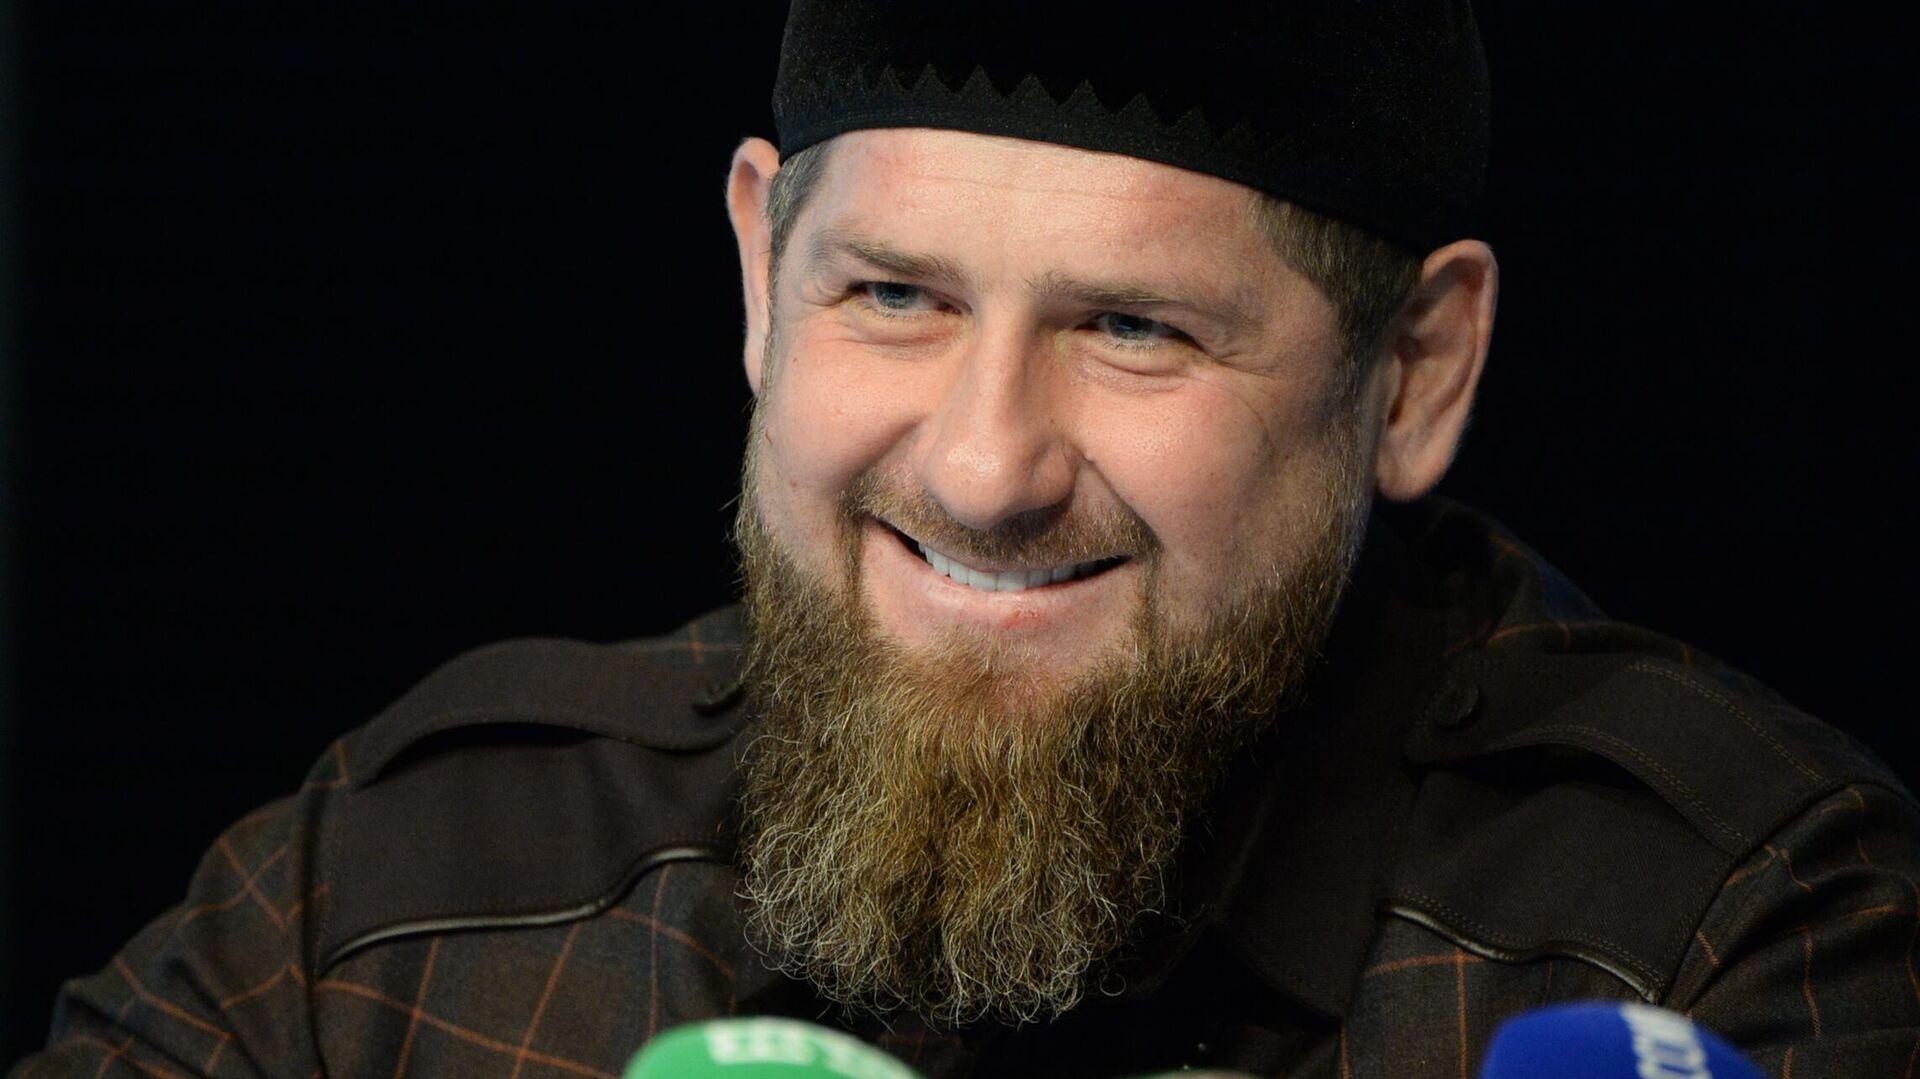 Глава Чеченской Республики Рамзан Кадыров на пресс-конференции в студии телеканала Грозный - РИА Новости, 1920, 08.01.2021